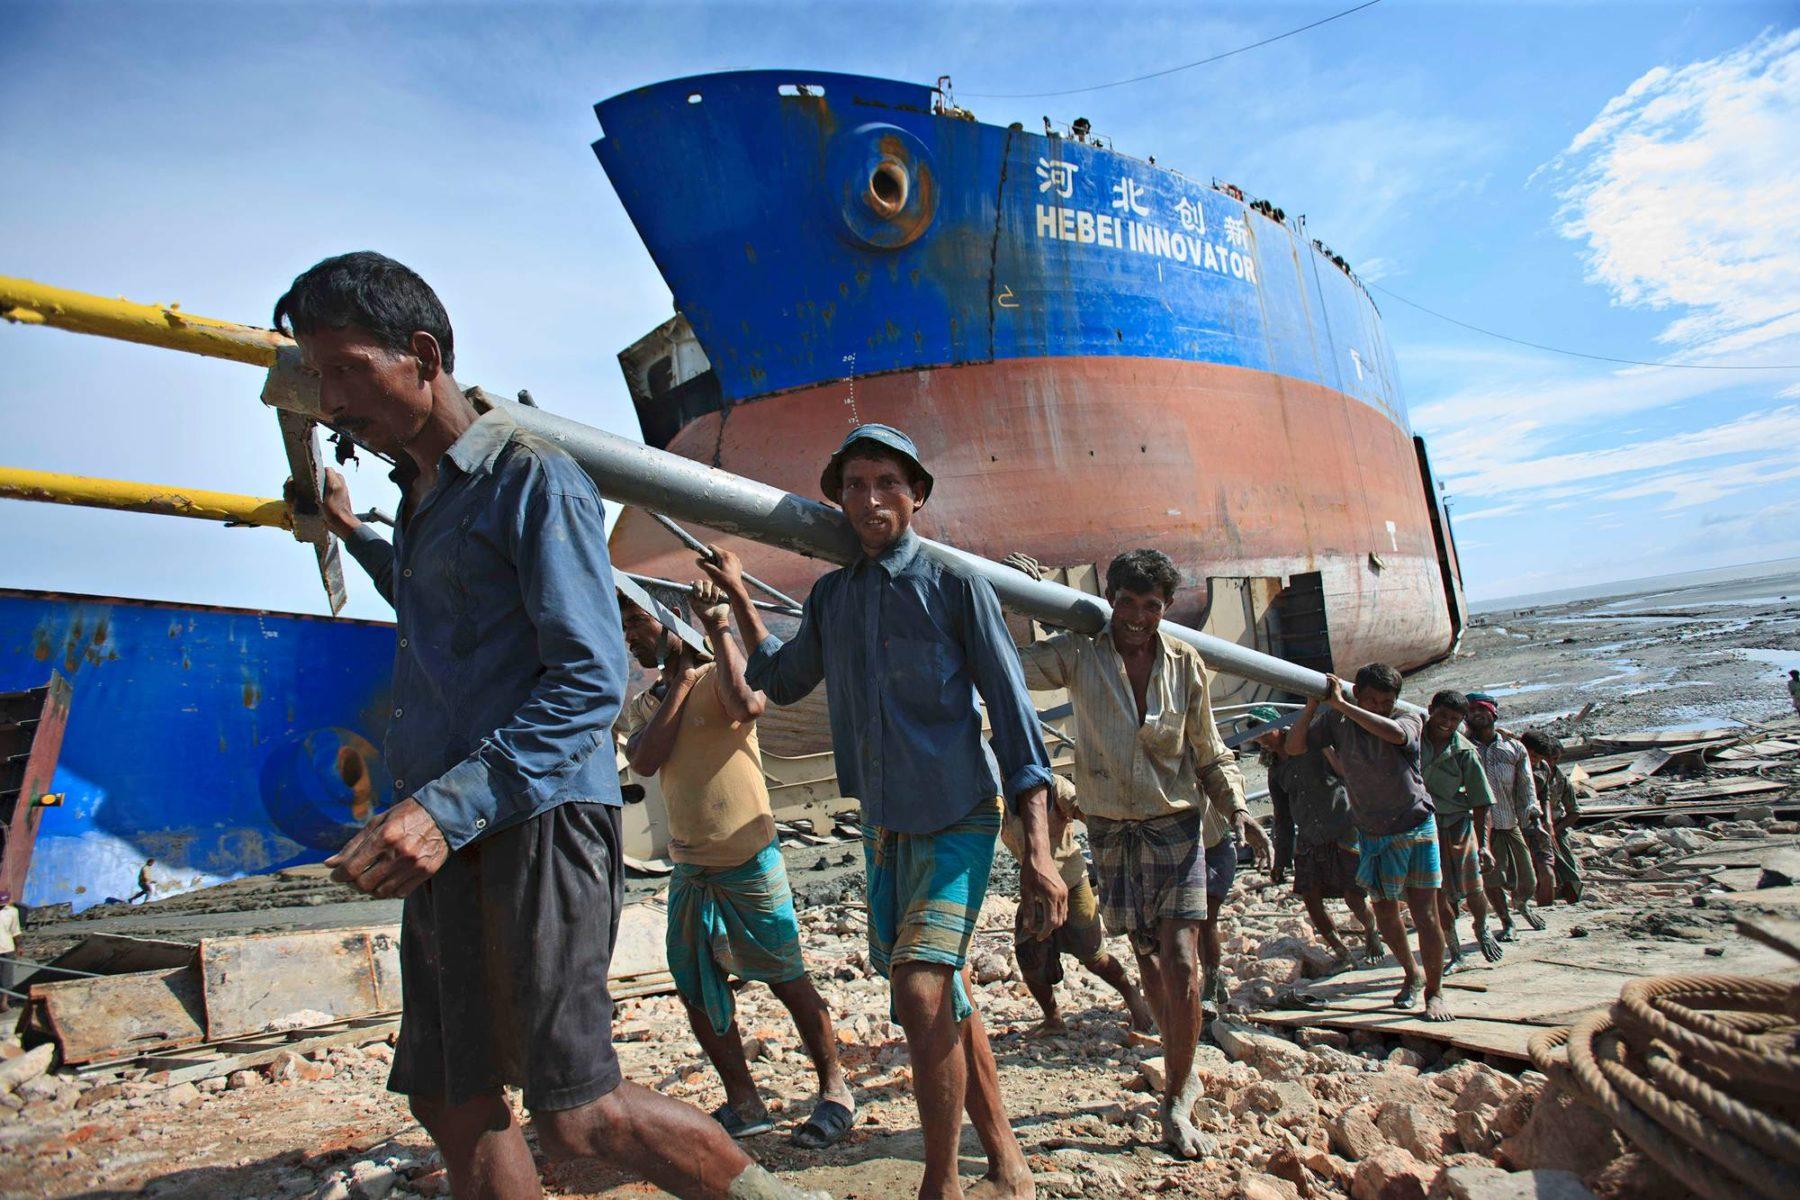 Bangladeshissa Sitakundon laivapurkamolla on tapahtunut lukuisia vakavia onnettomuuksia. Kuva vuodelta 2017.